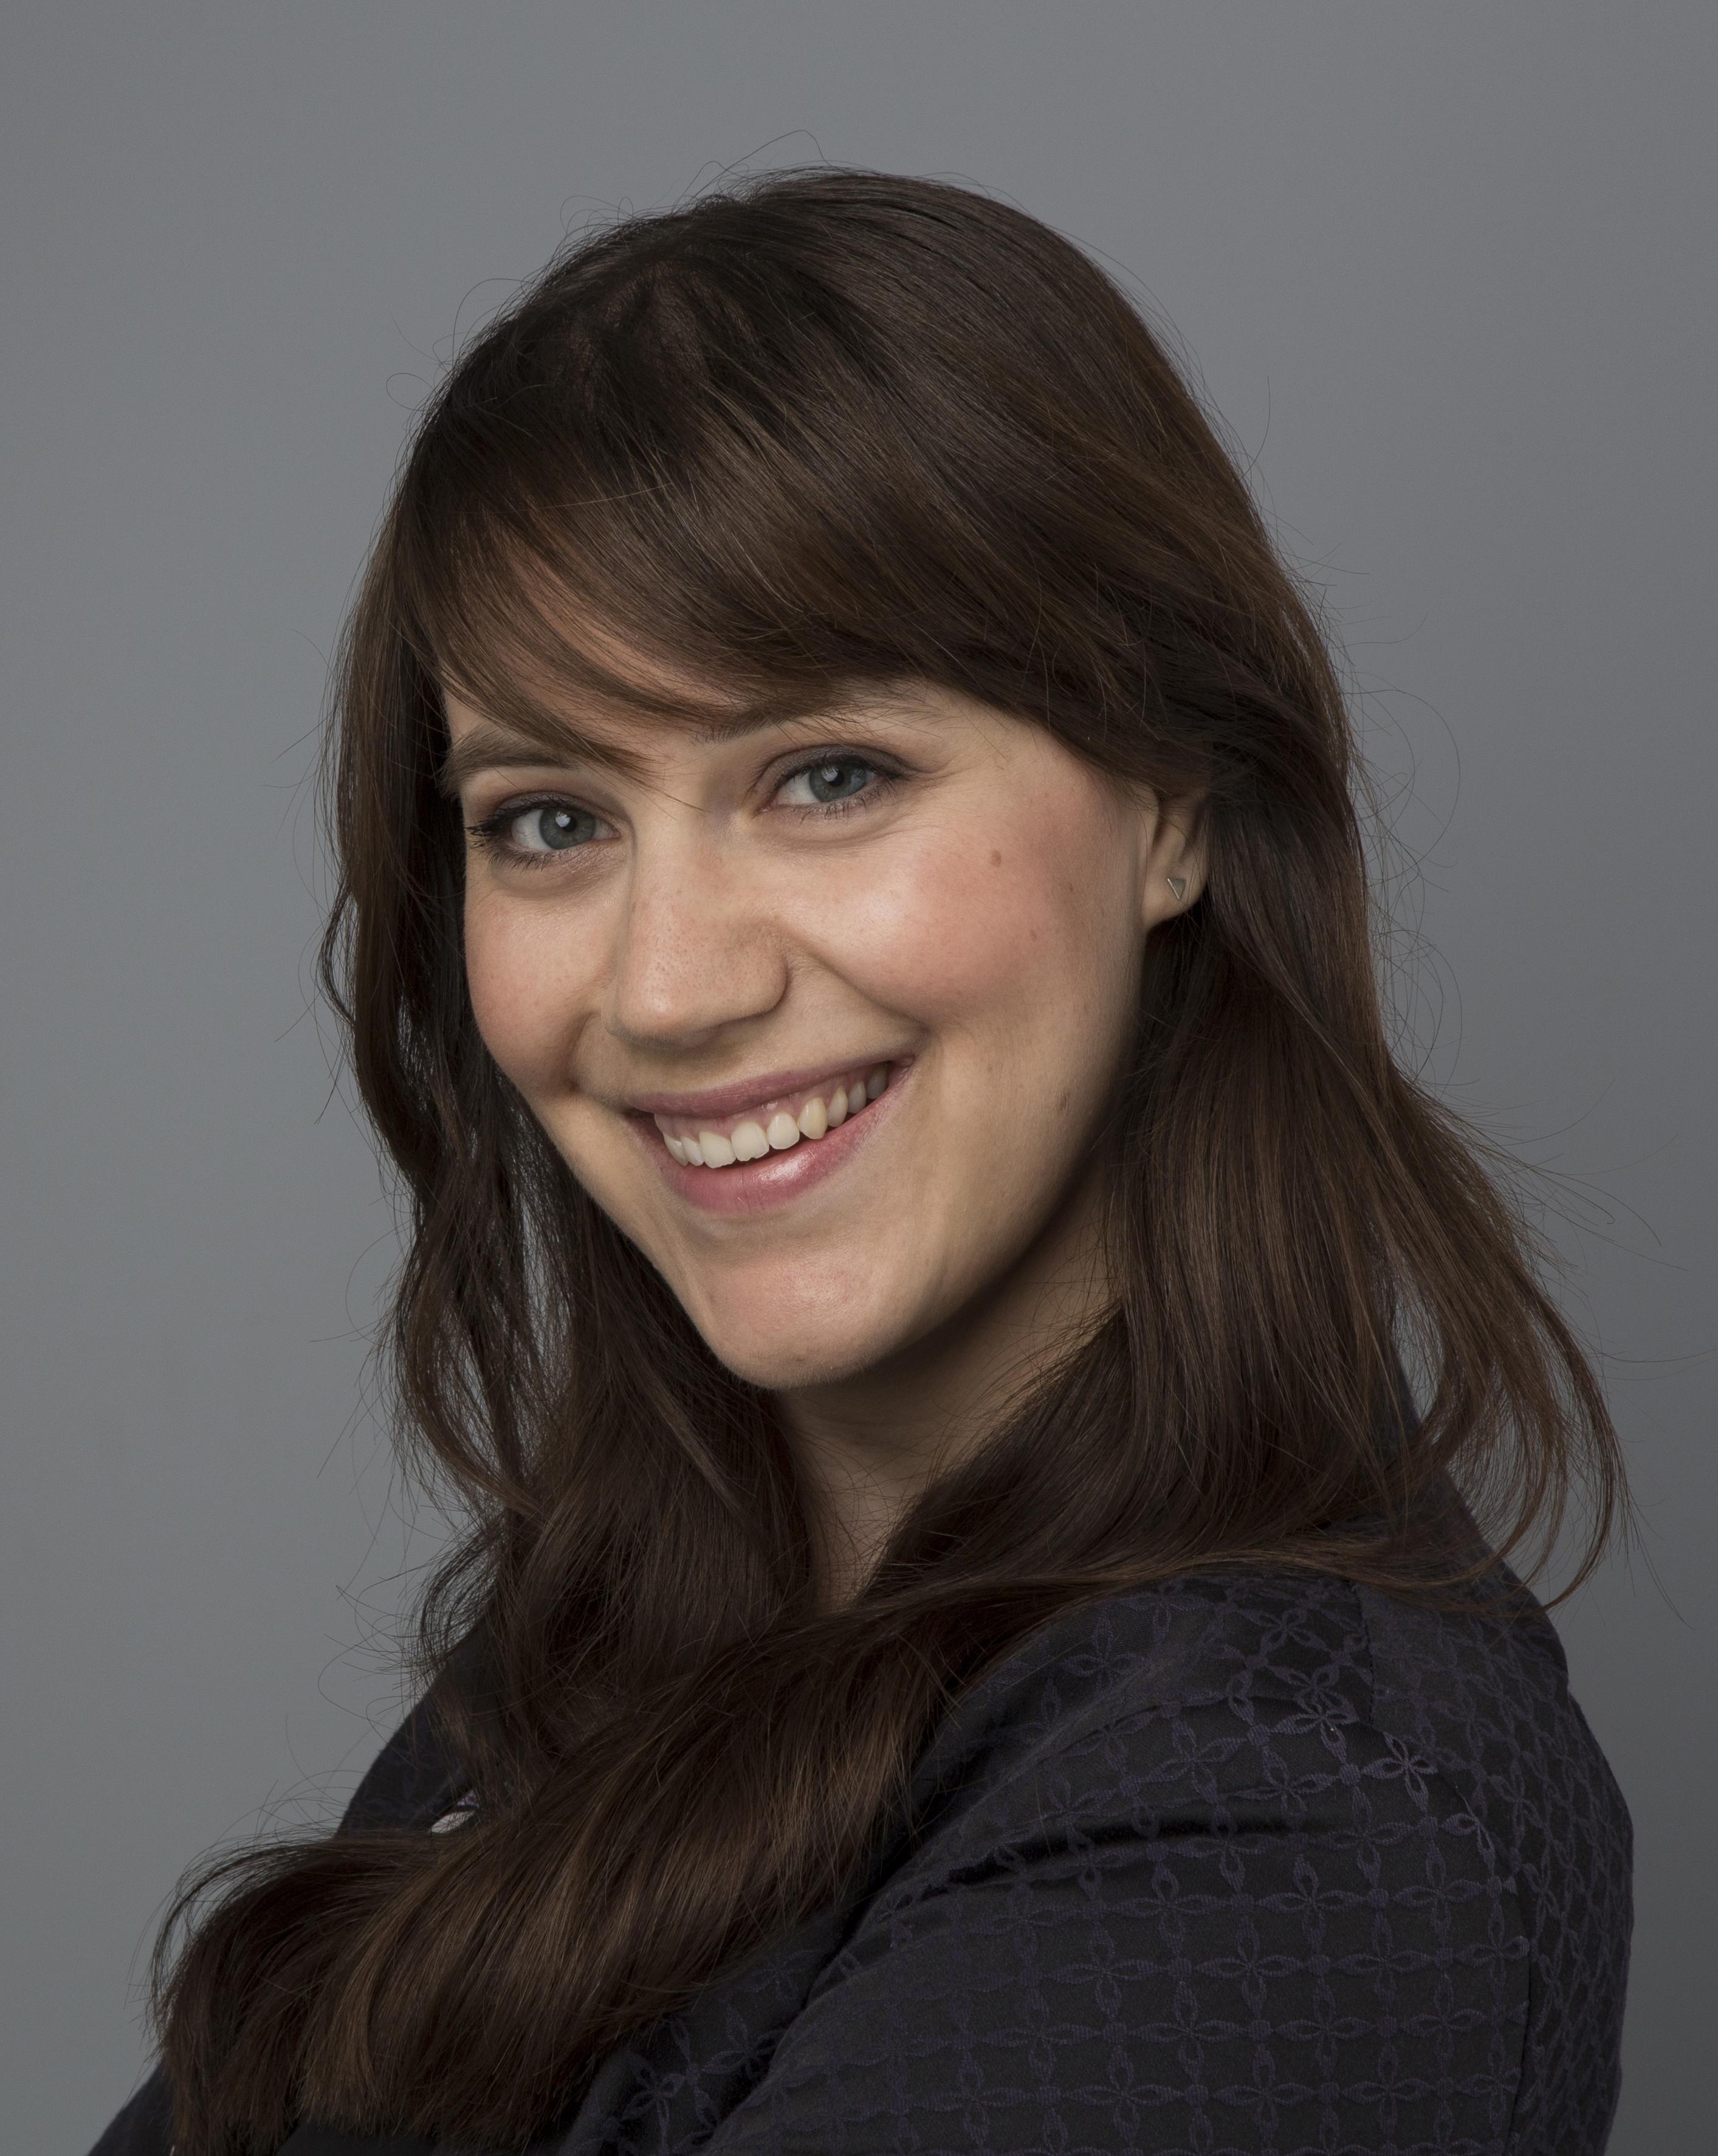 Anne Colder